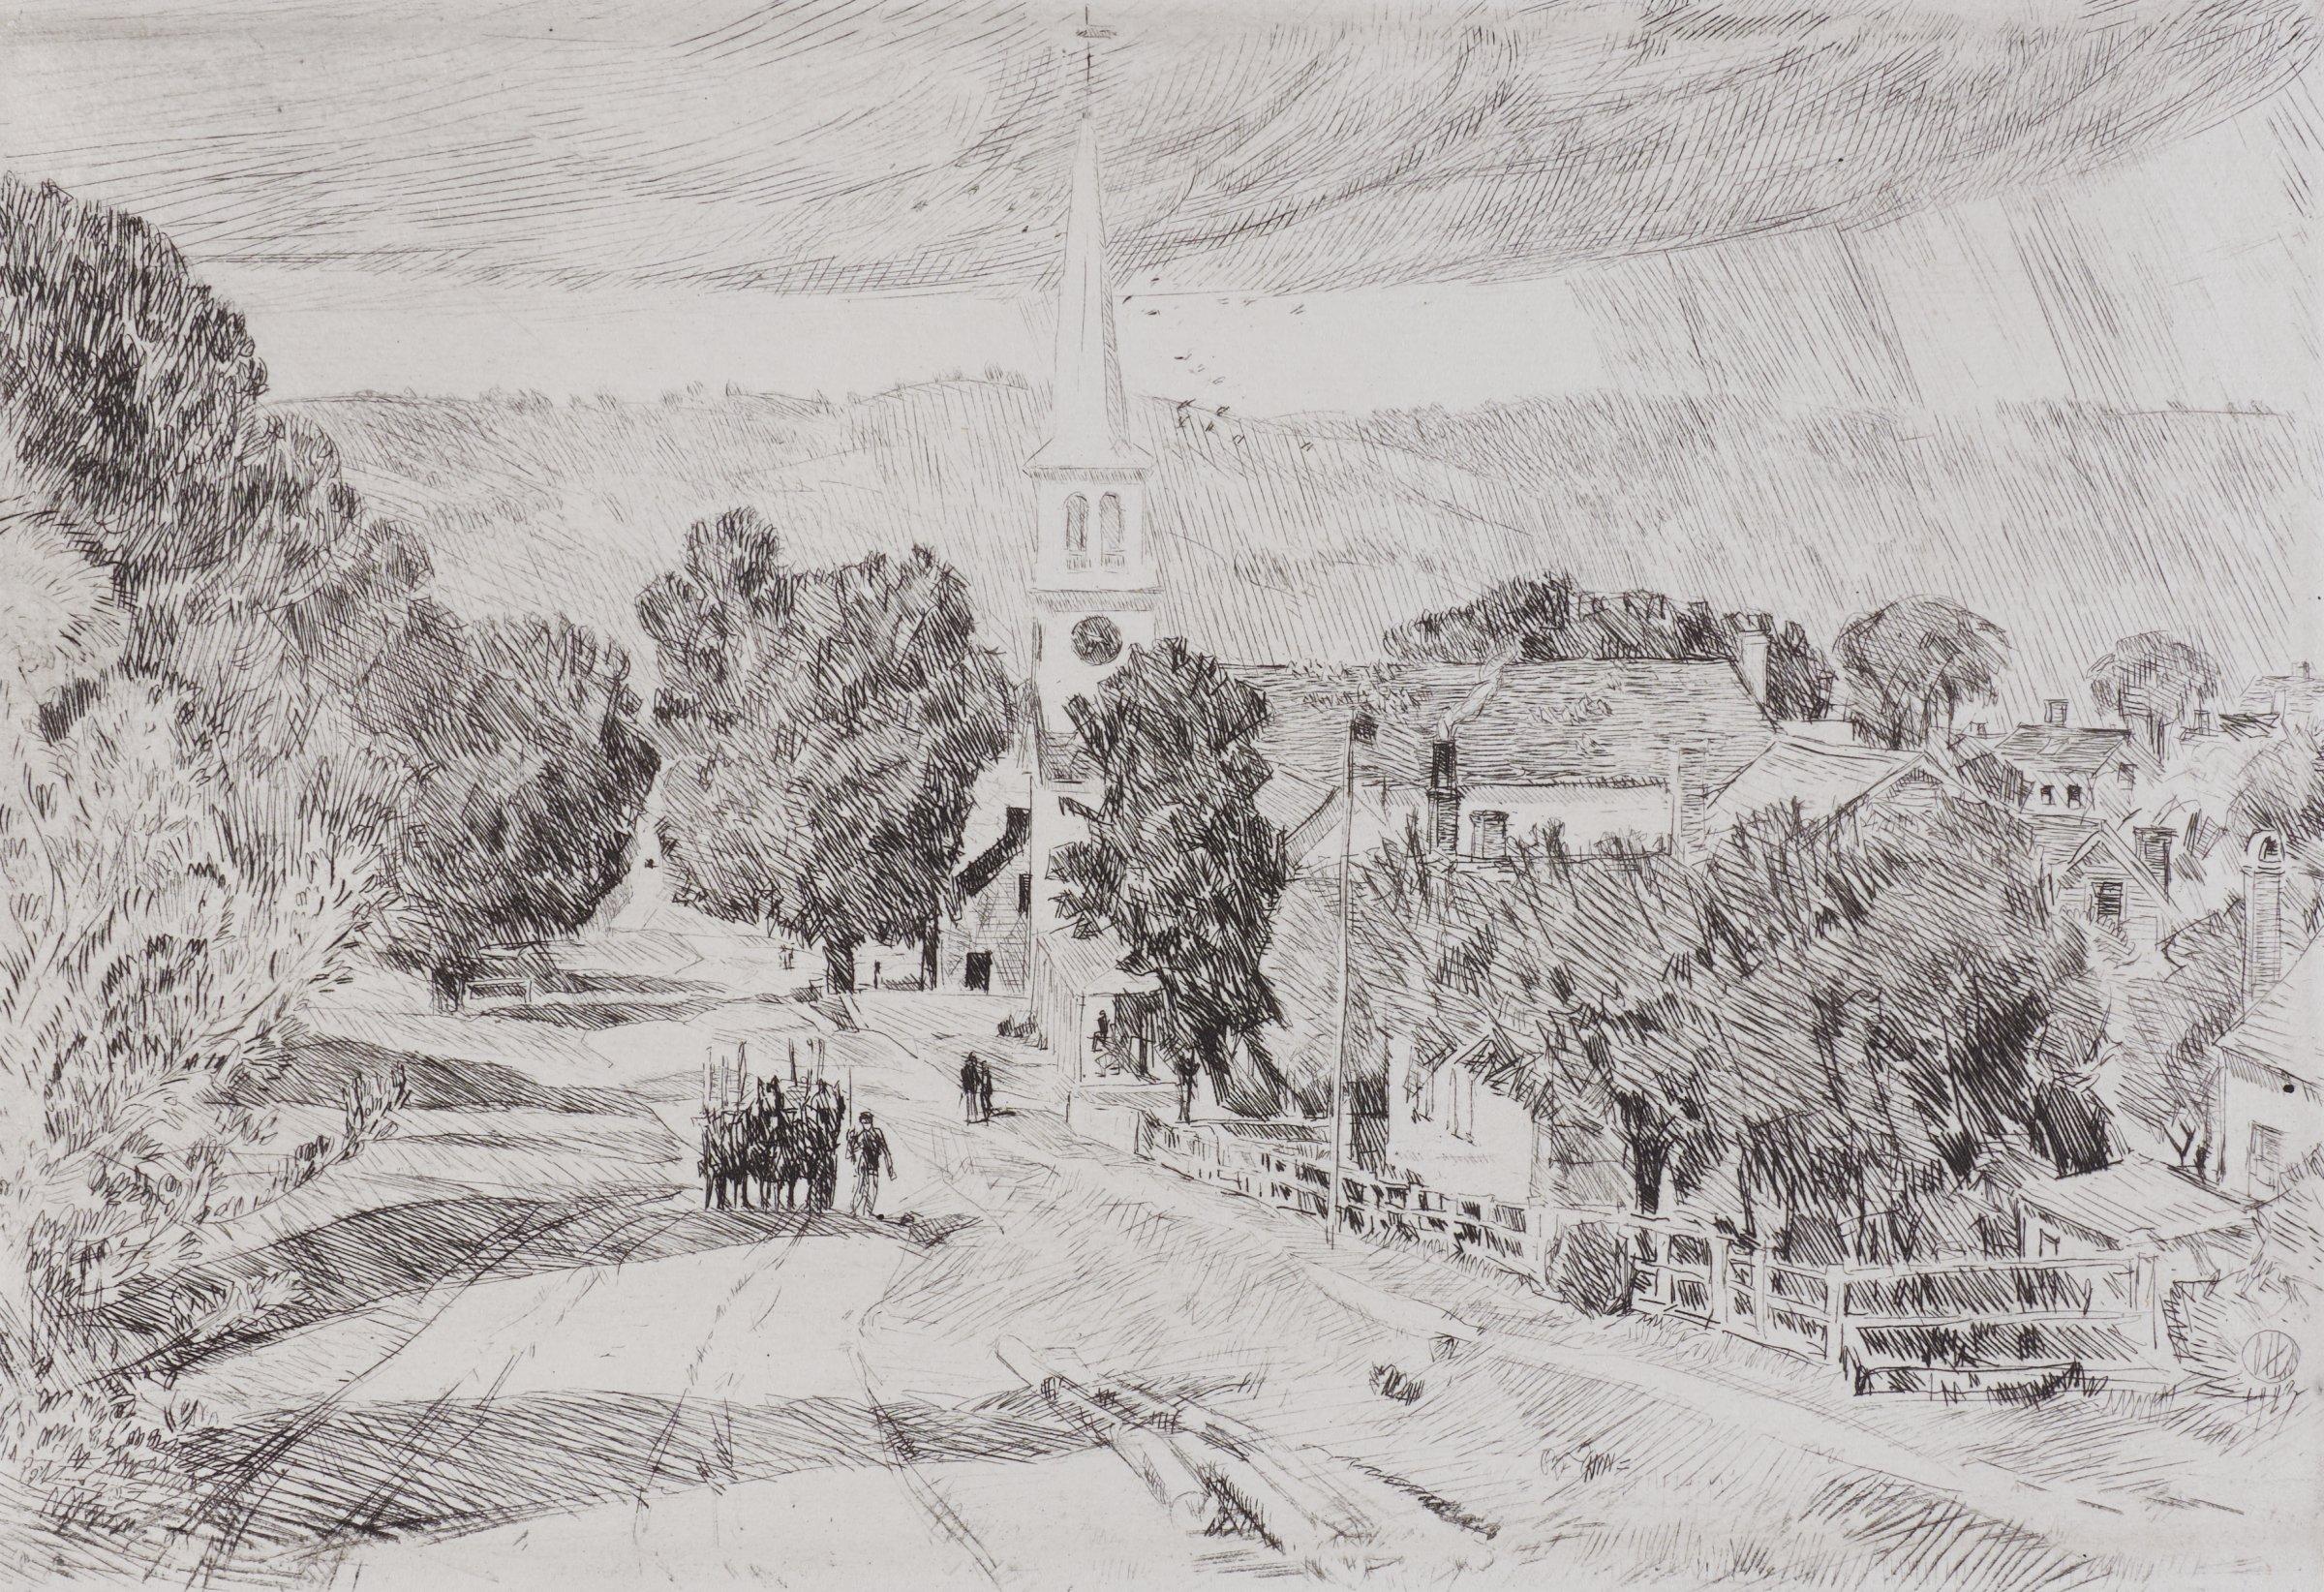 Vermont Village, Peacham, Childe Hassam, etching